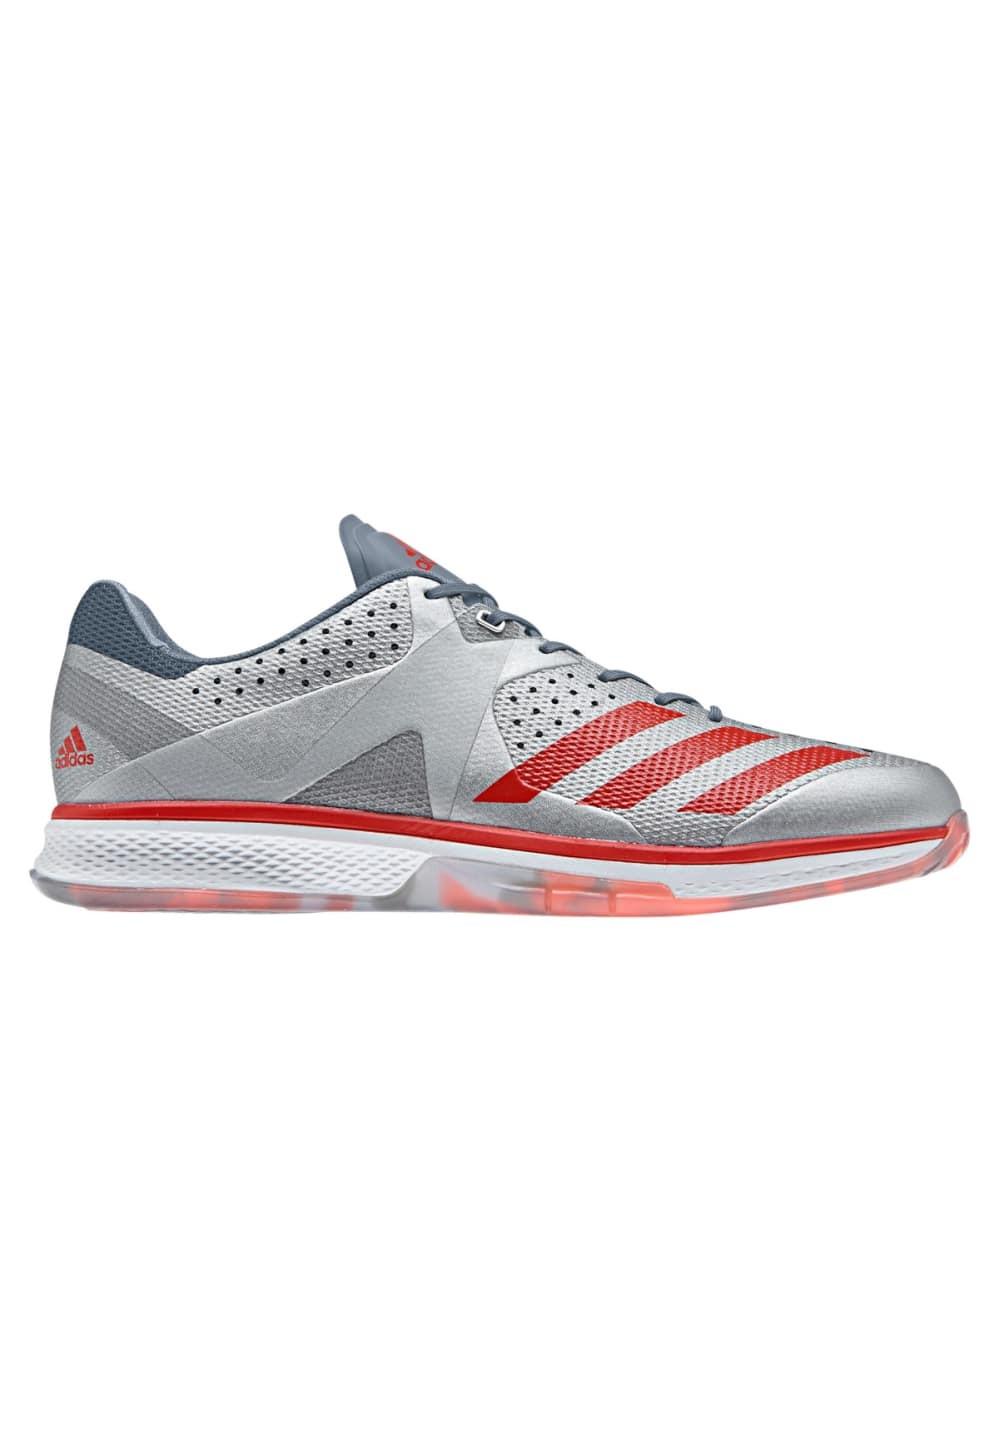 chaussures femme adidas counterblast handball